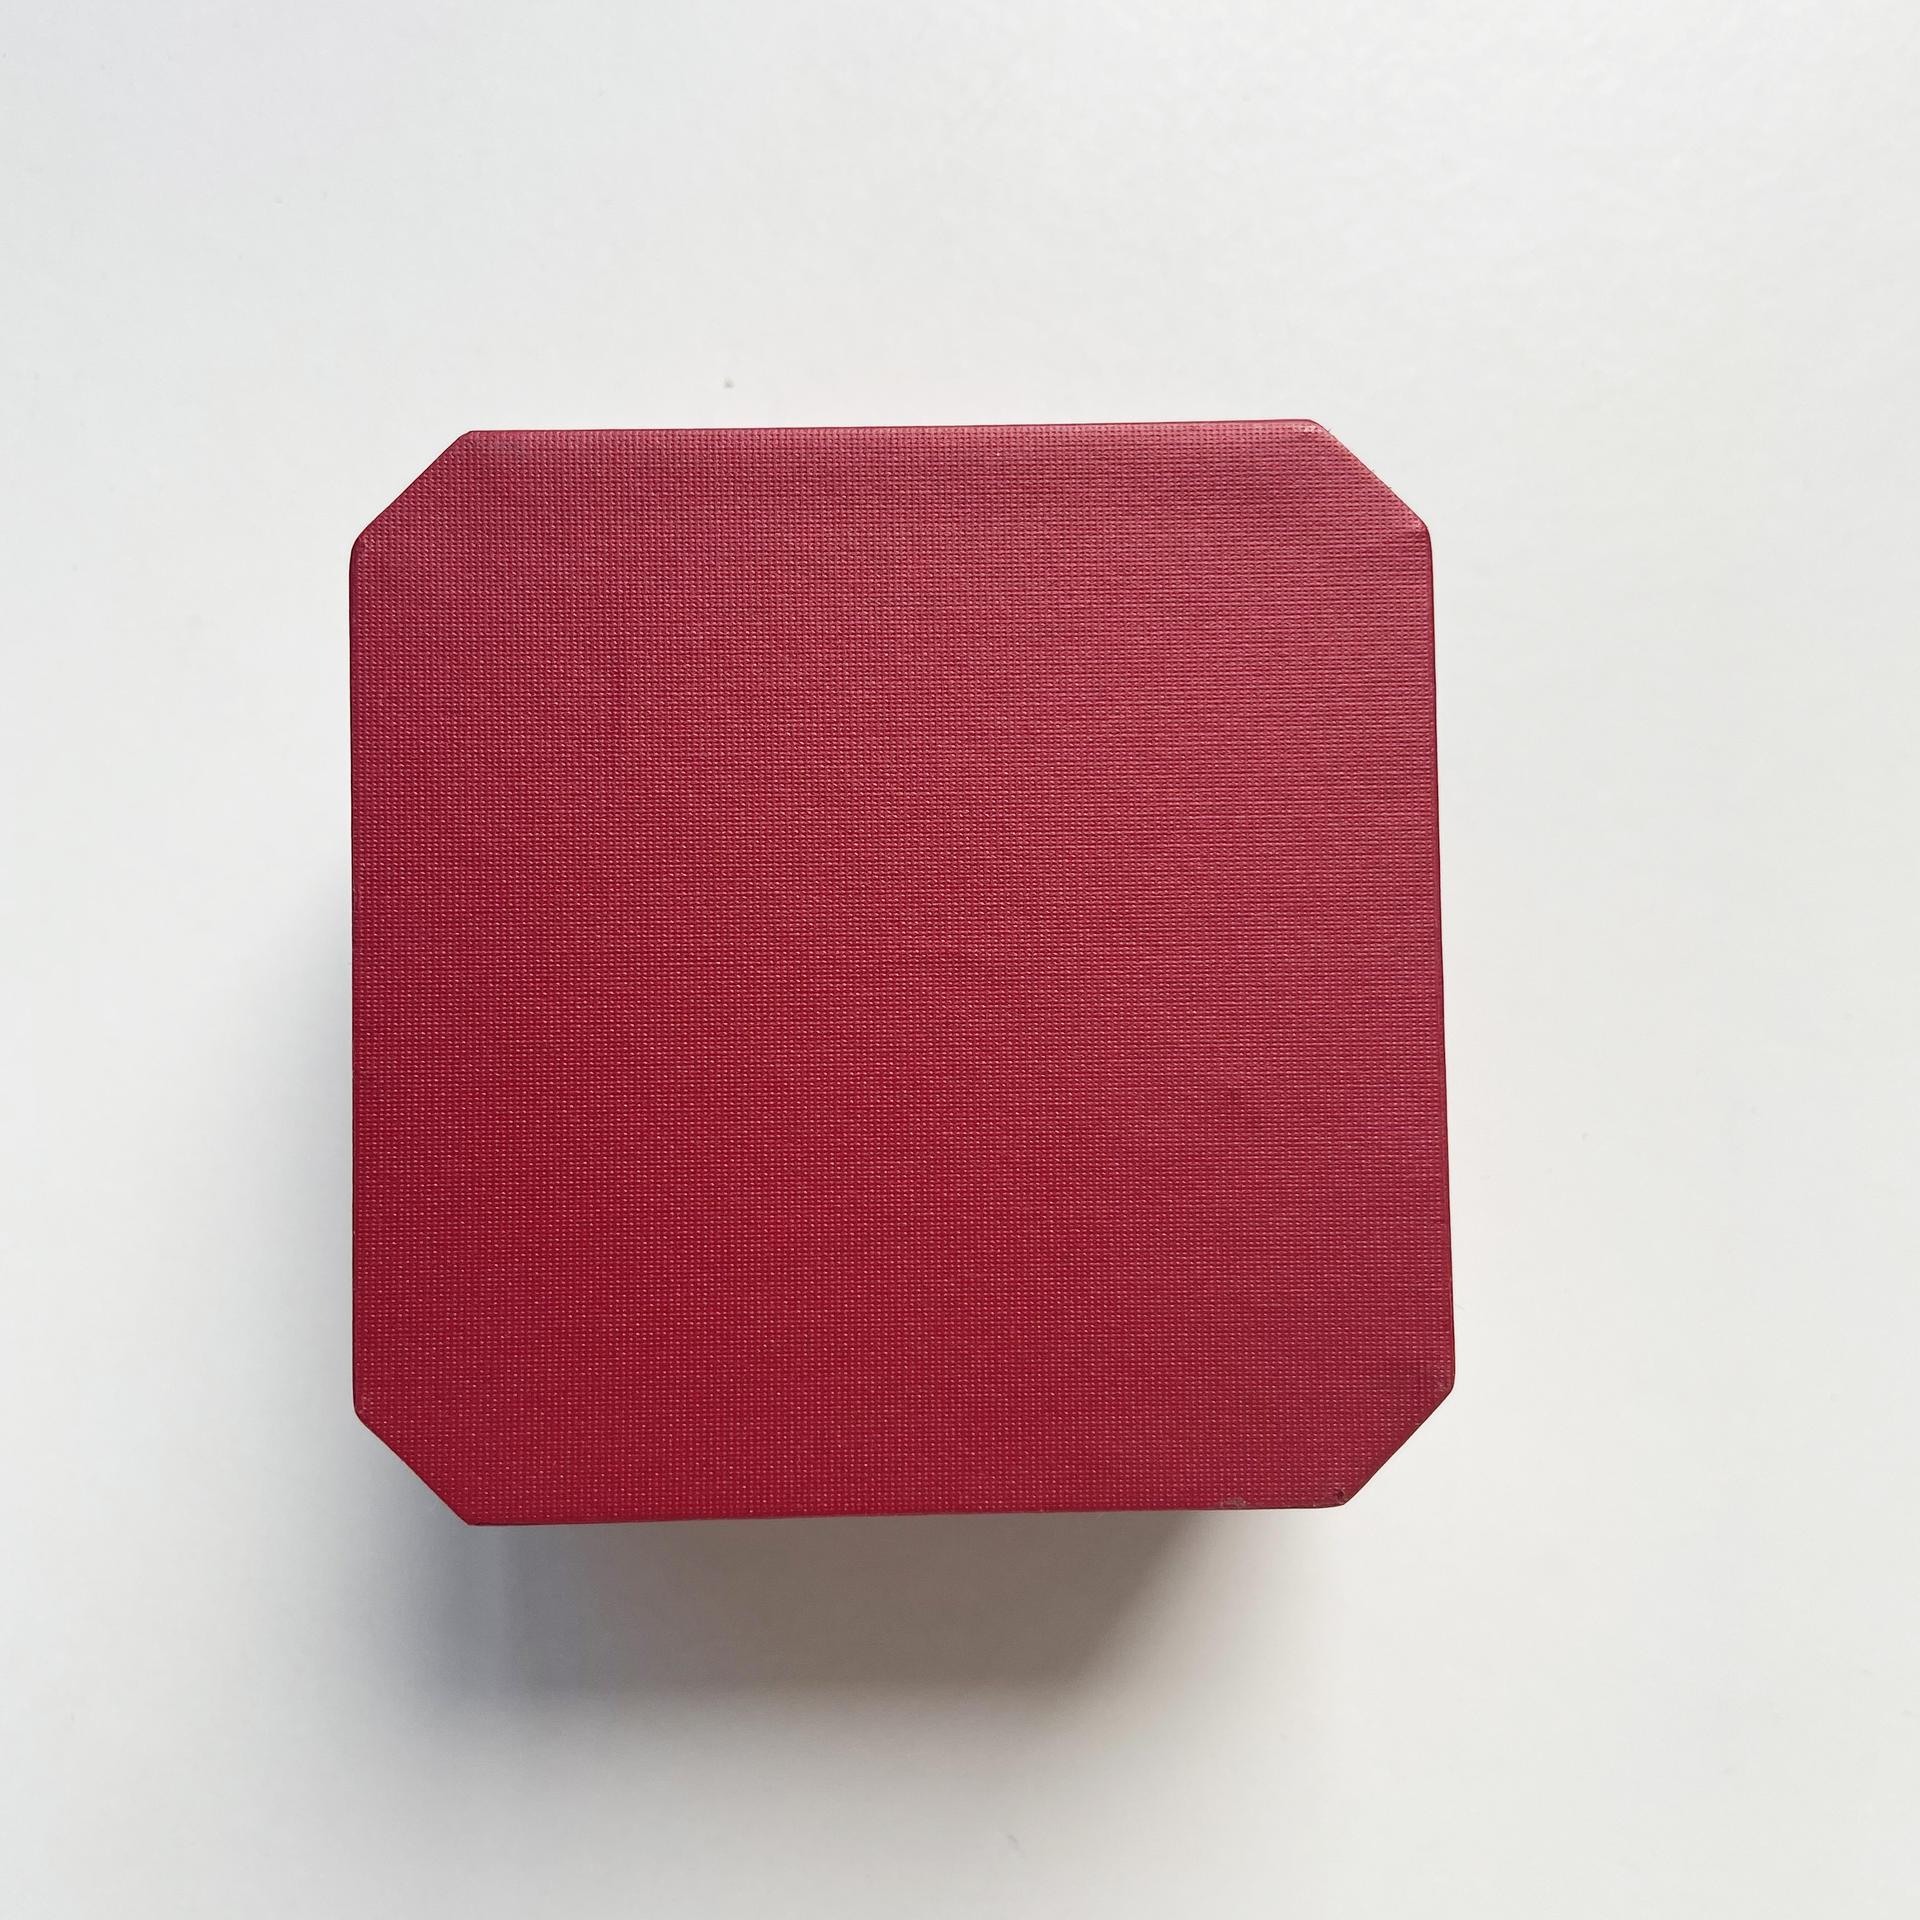 Handmade Custom Thick Paper Box, Jewelry Box,Paper Gift Box With Custom Logo